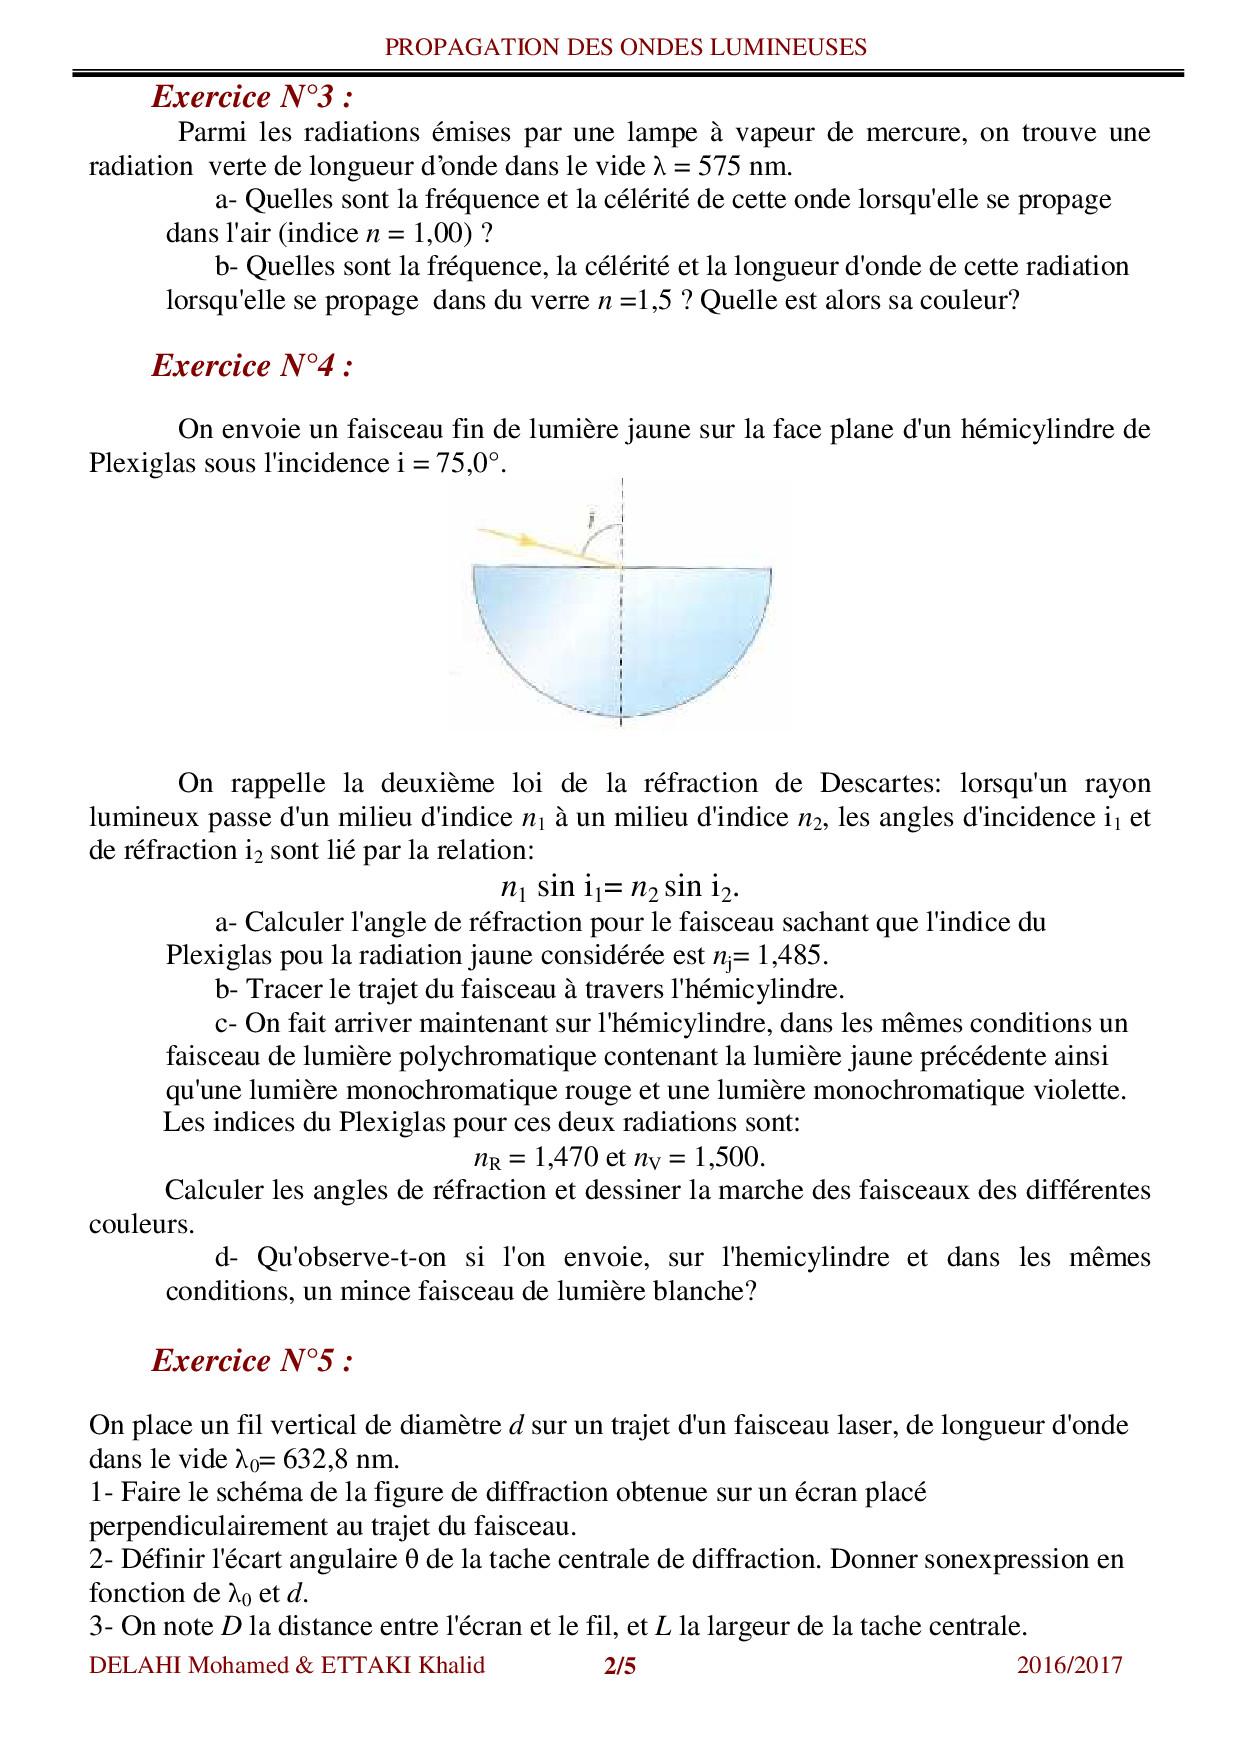 Propagation des ondes lumineuses - Exercices non corrigés 1 - AlloSchool